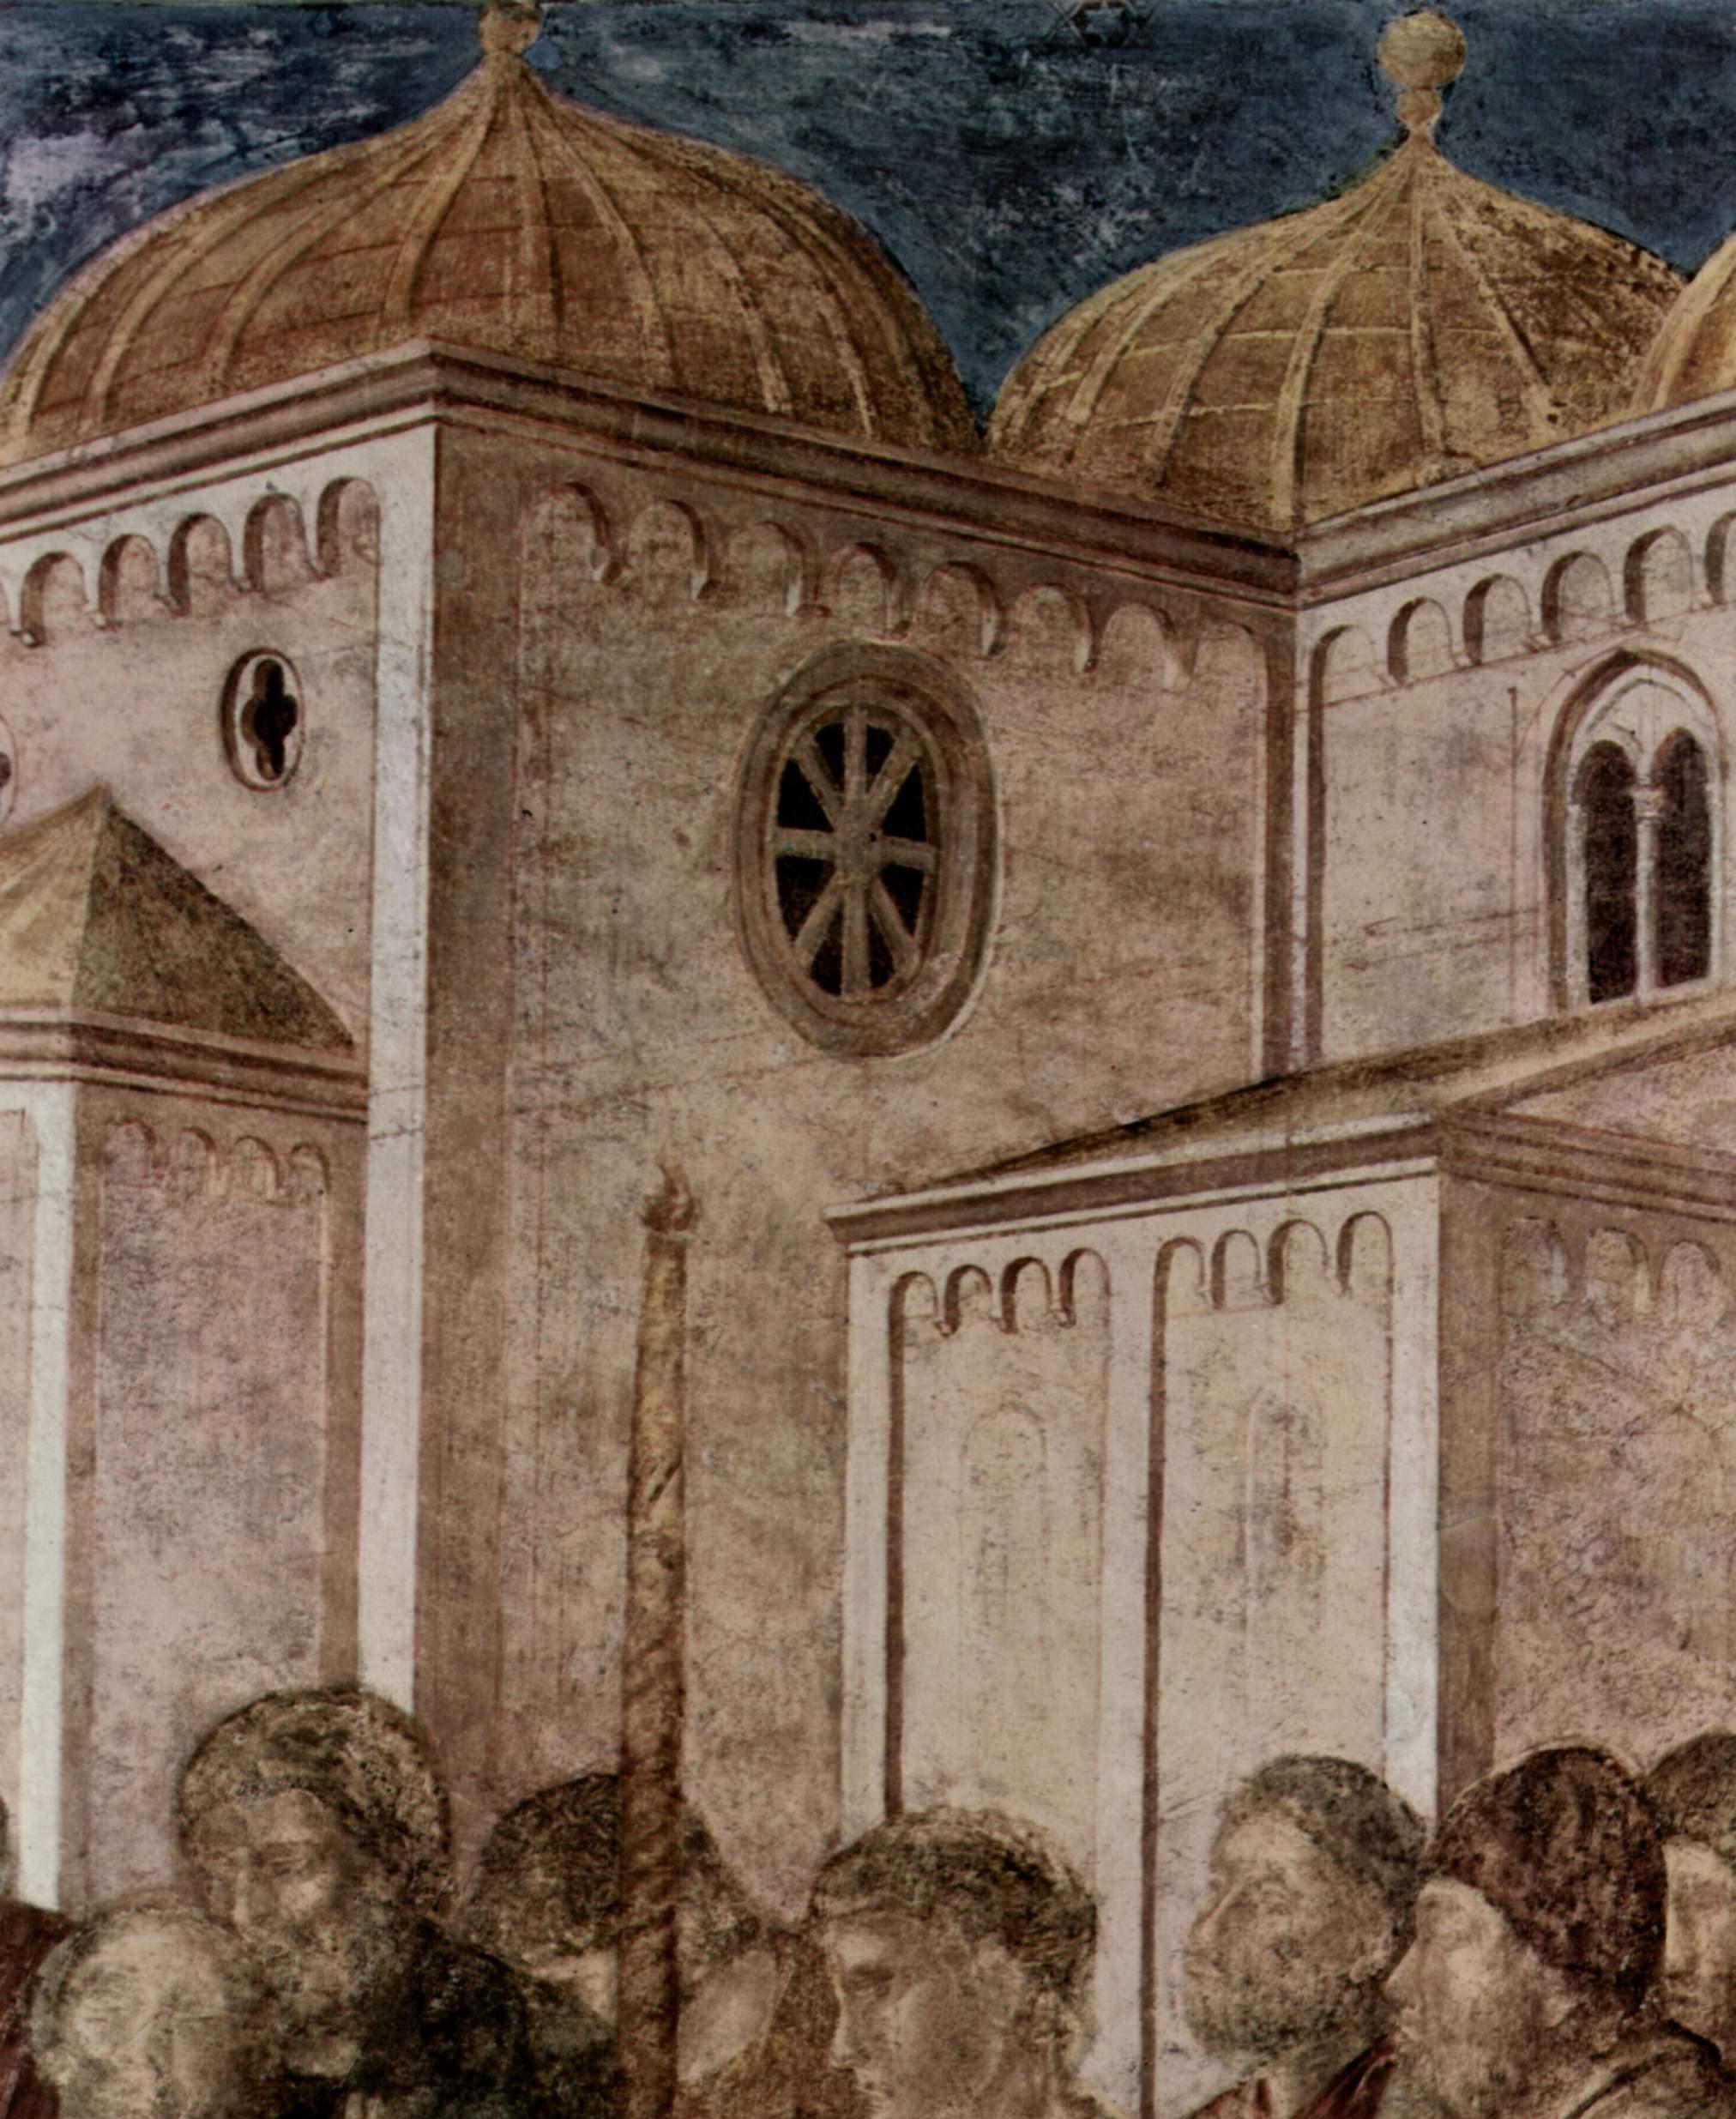 Цикл фресок капеллы Перуцци [08]. Санта Кроче во Флоренции. Евангелист Иоанн воскрешает Друзиану. Фр, Джотто ди Бондоне